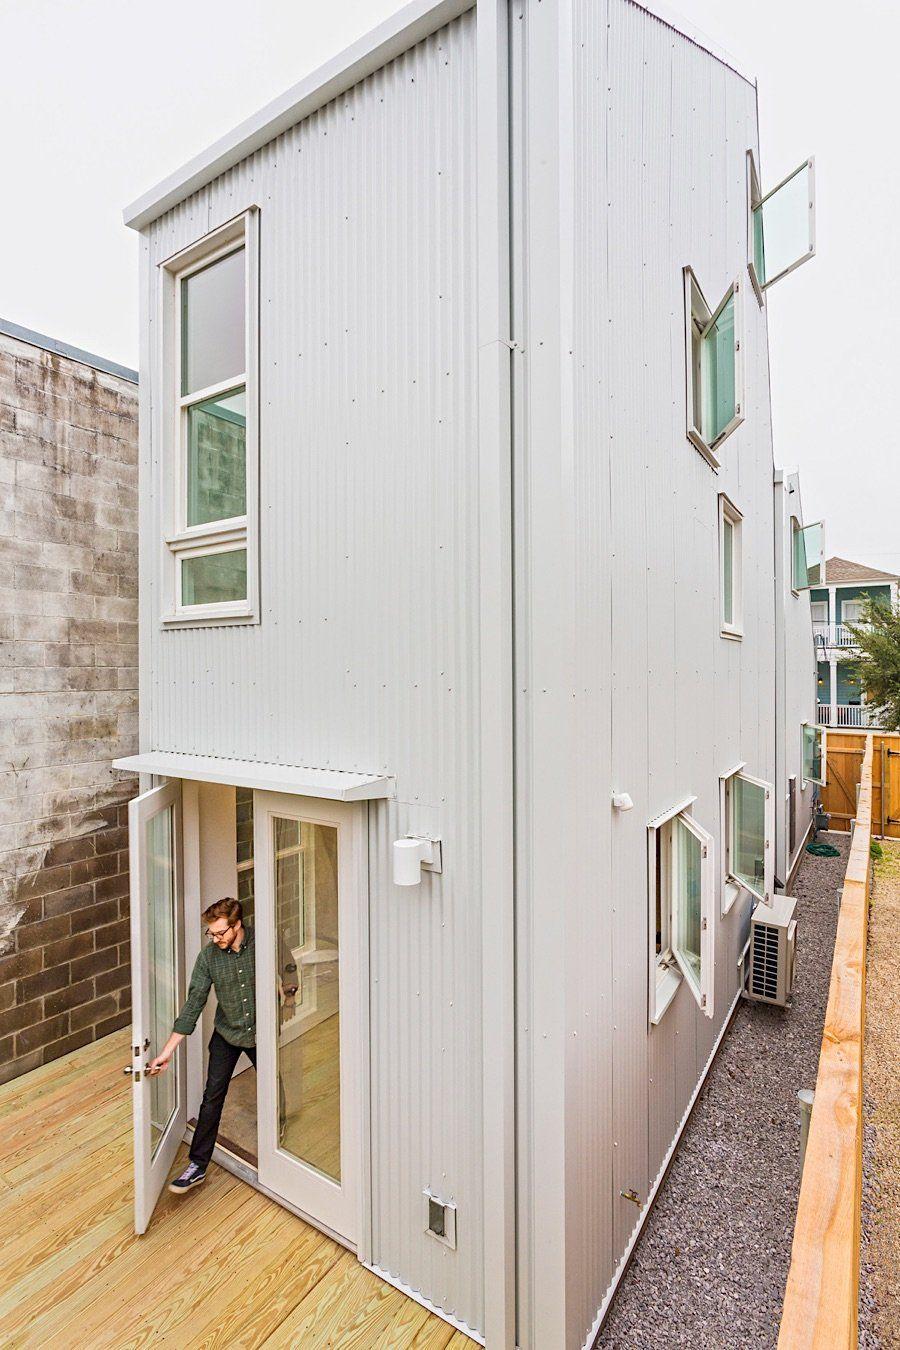 Das Starter Home – eine Einstiegshilfe für Hauseigentümer ...